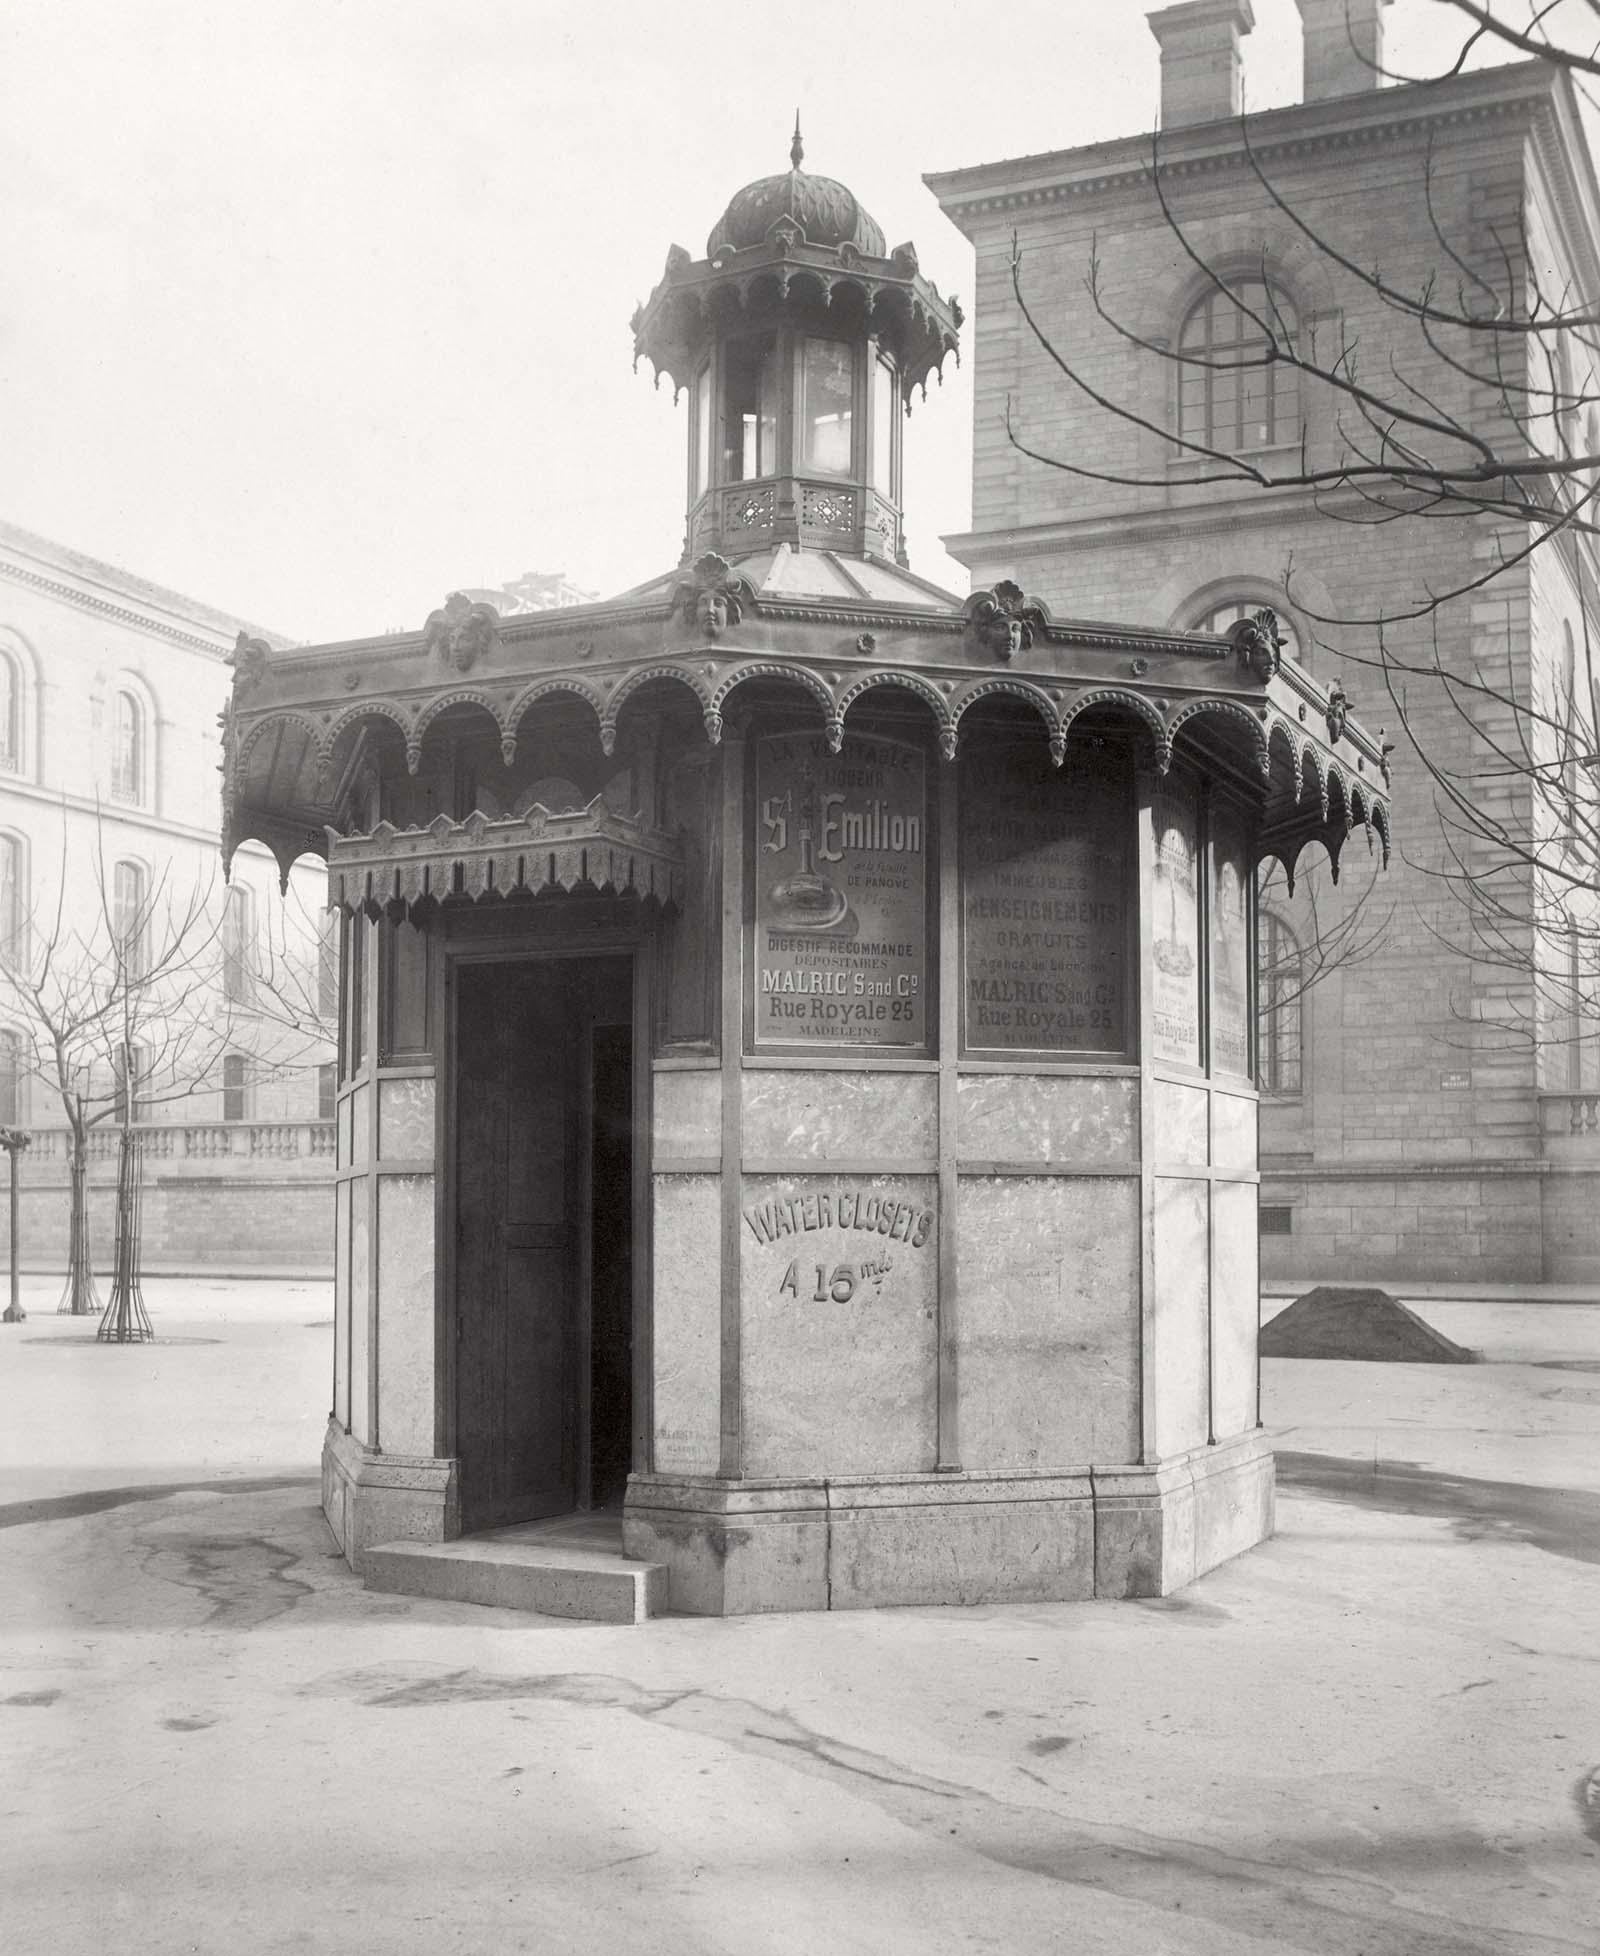 pissoir vintage public urinals paris